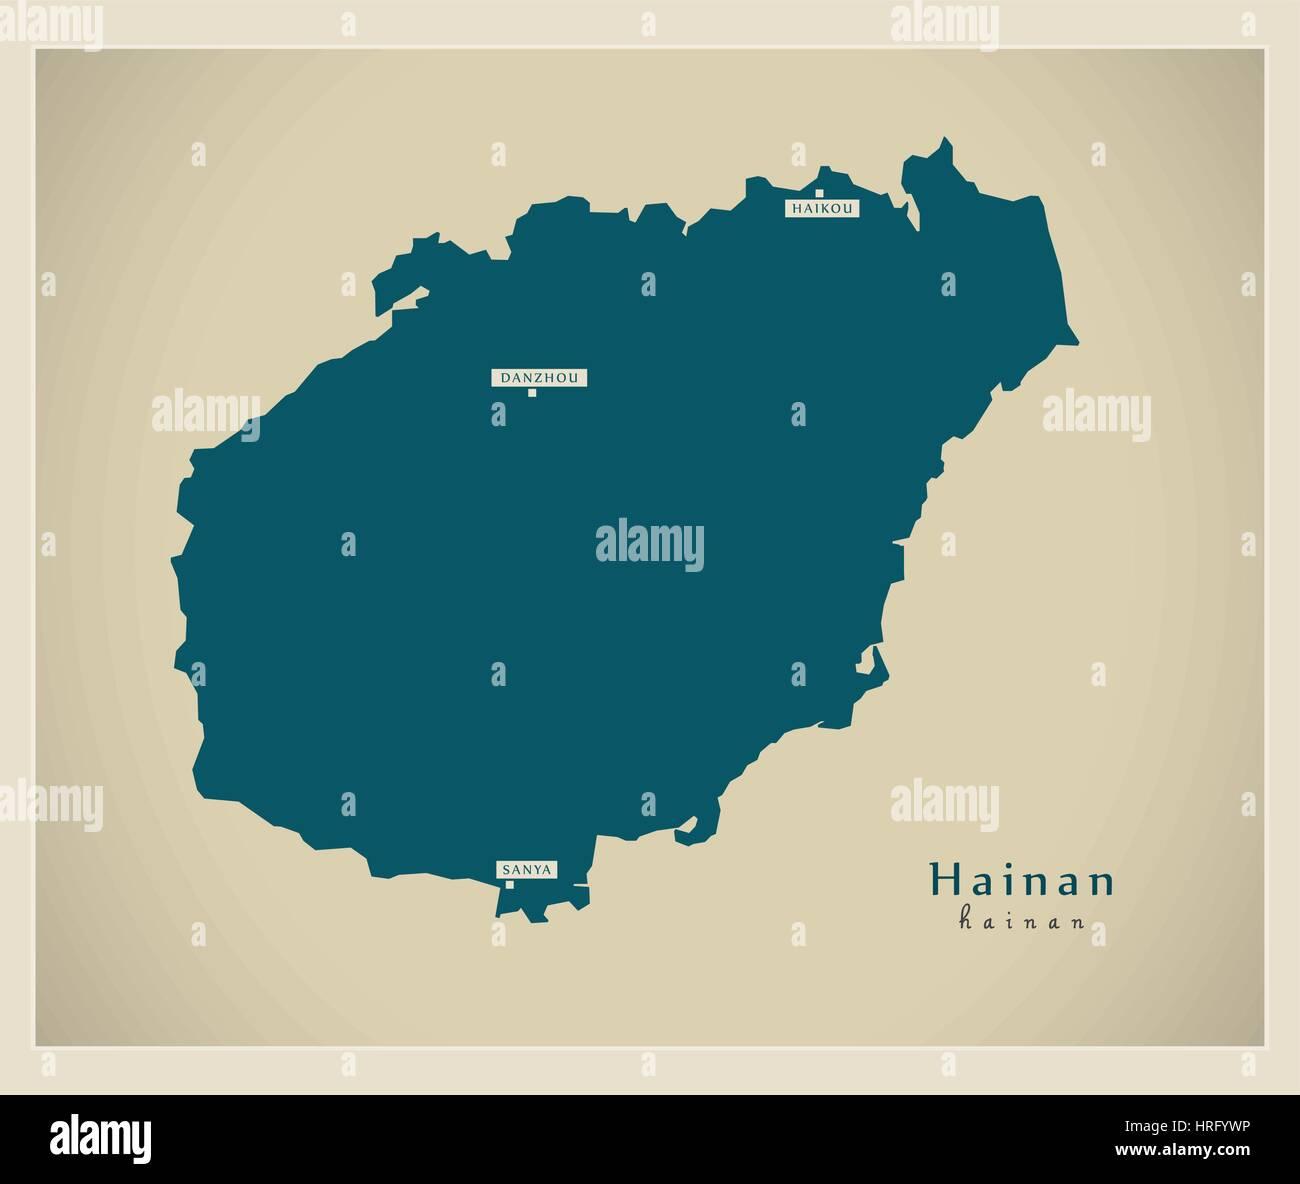 Modern Map - Hainan - Stock Image